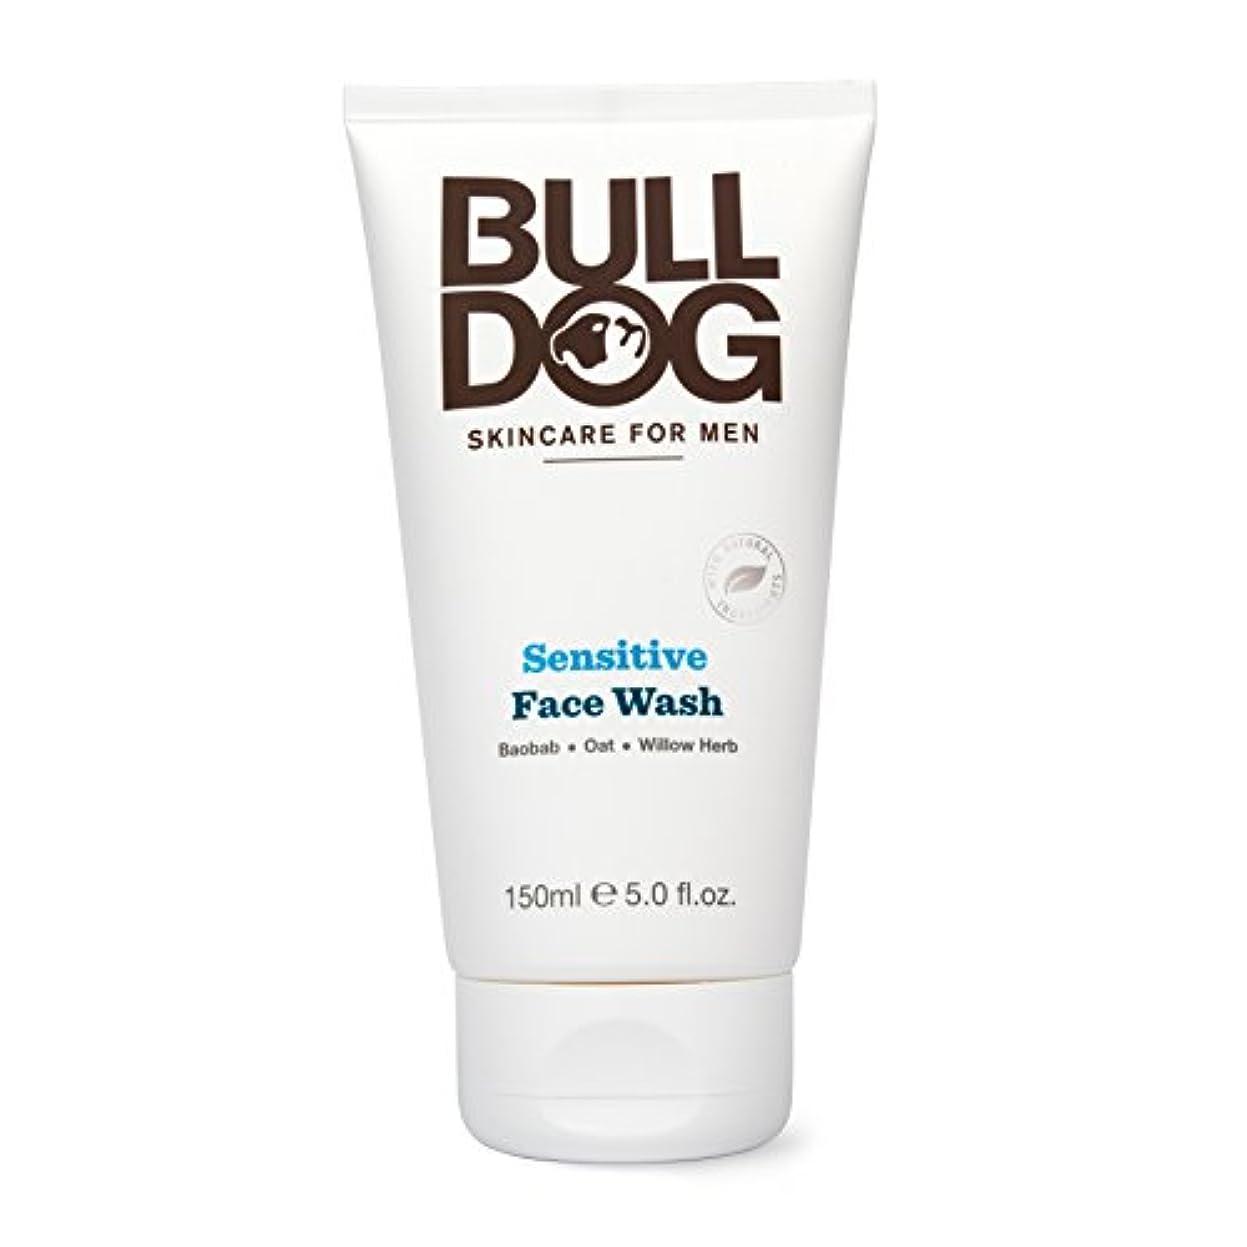 影響を受けやすいですオペラフックブルドッグ Bulldog センシティブ フェイスウォッシュ(洗顔料) 150mL